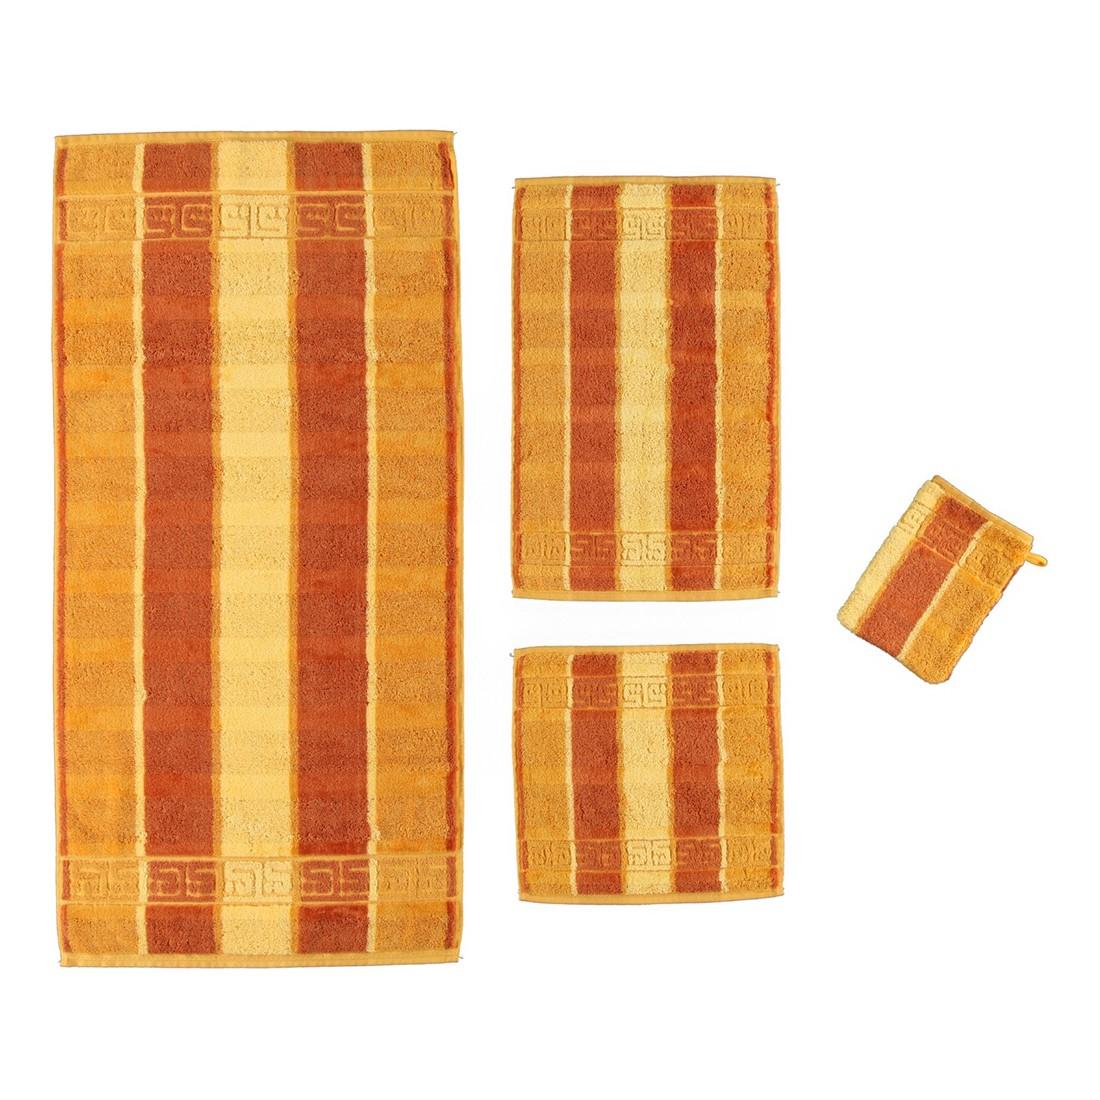 Handtuch Noblesse Streifen – 100% Baumwolle honig – 50 – Seiflappen: 30 x 30 cm, Cawö günstig kaufen